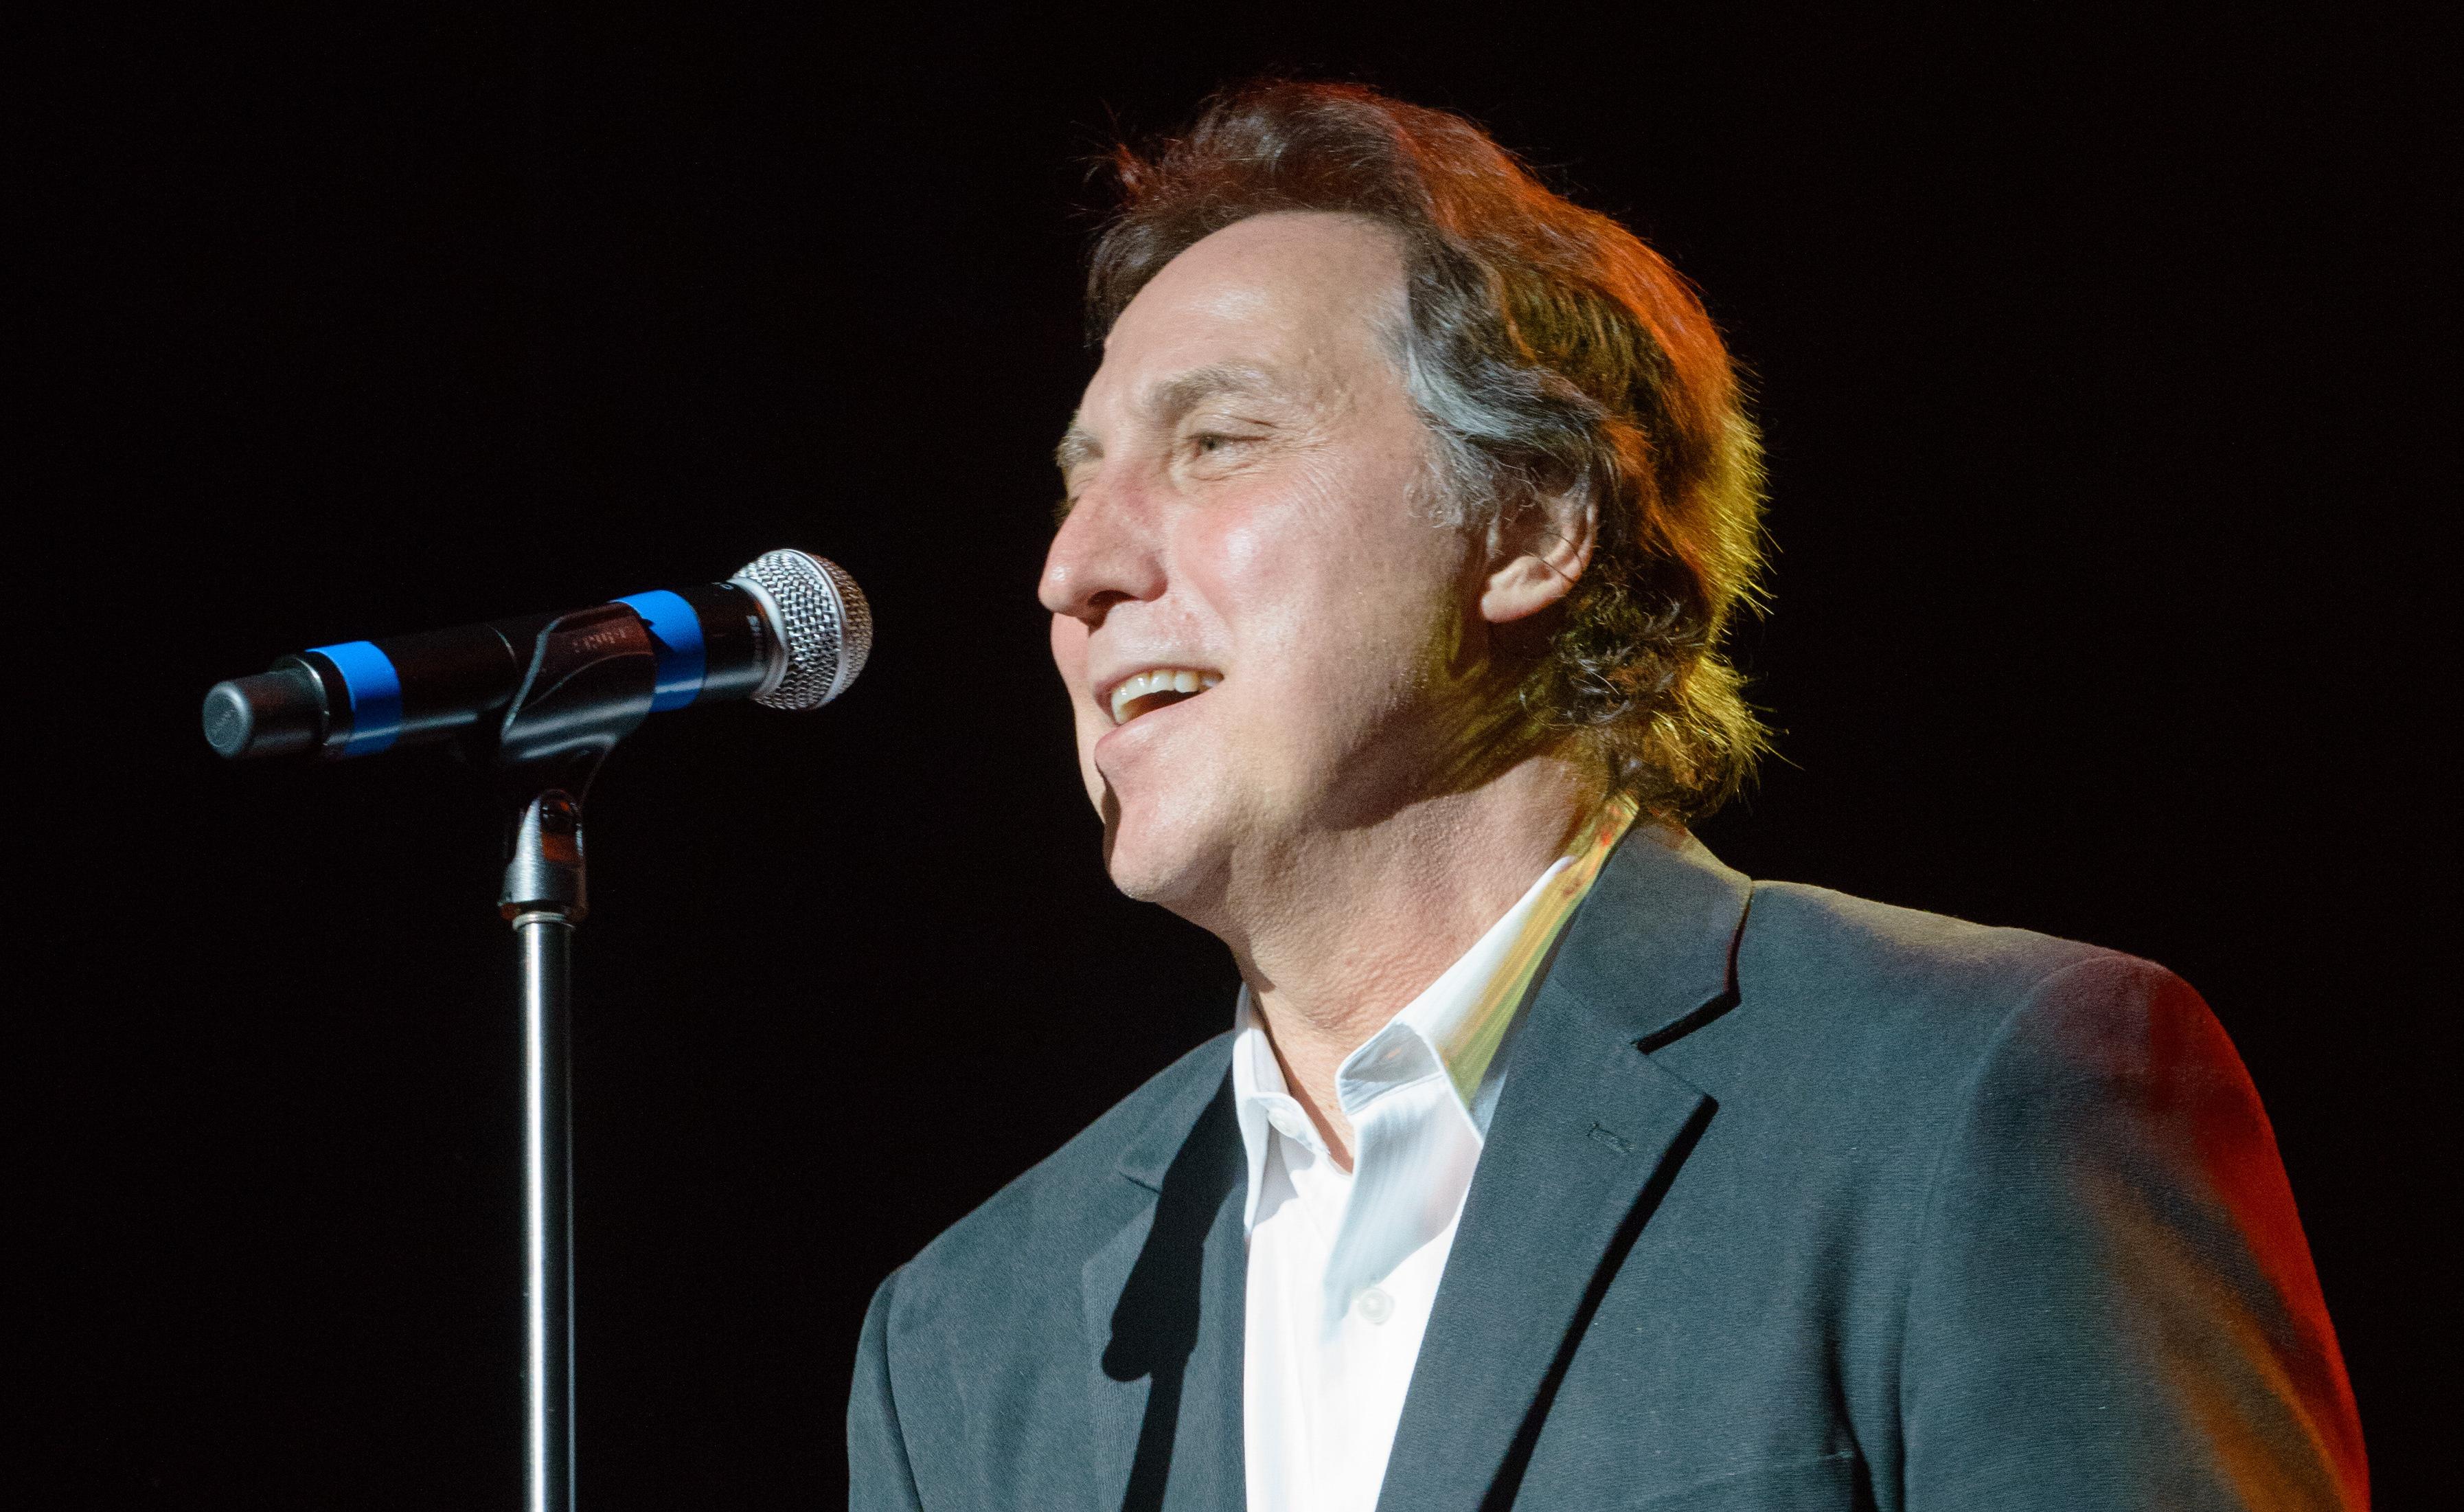 Paul Jost Onstage